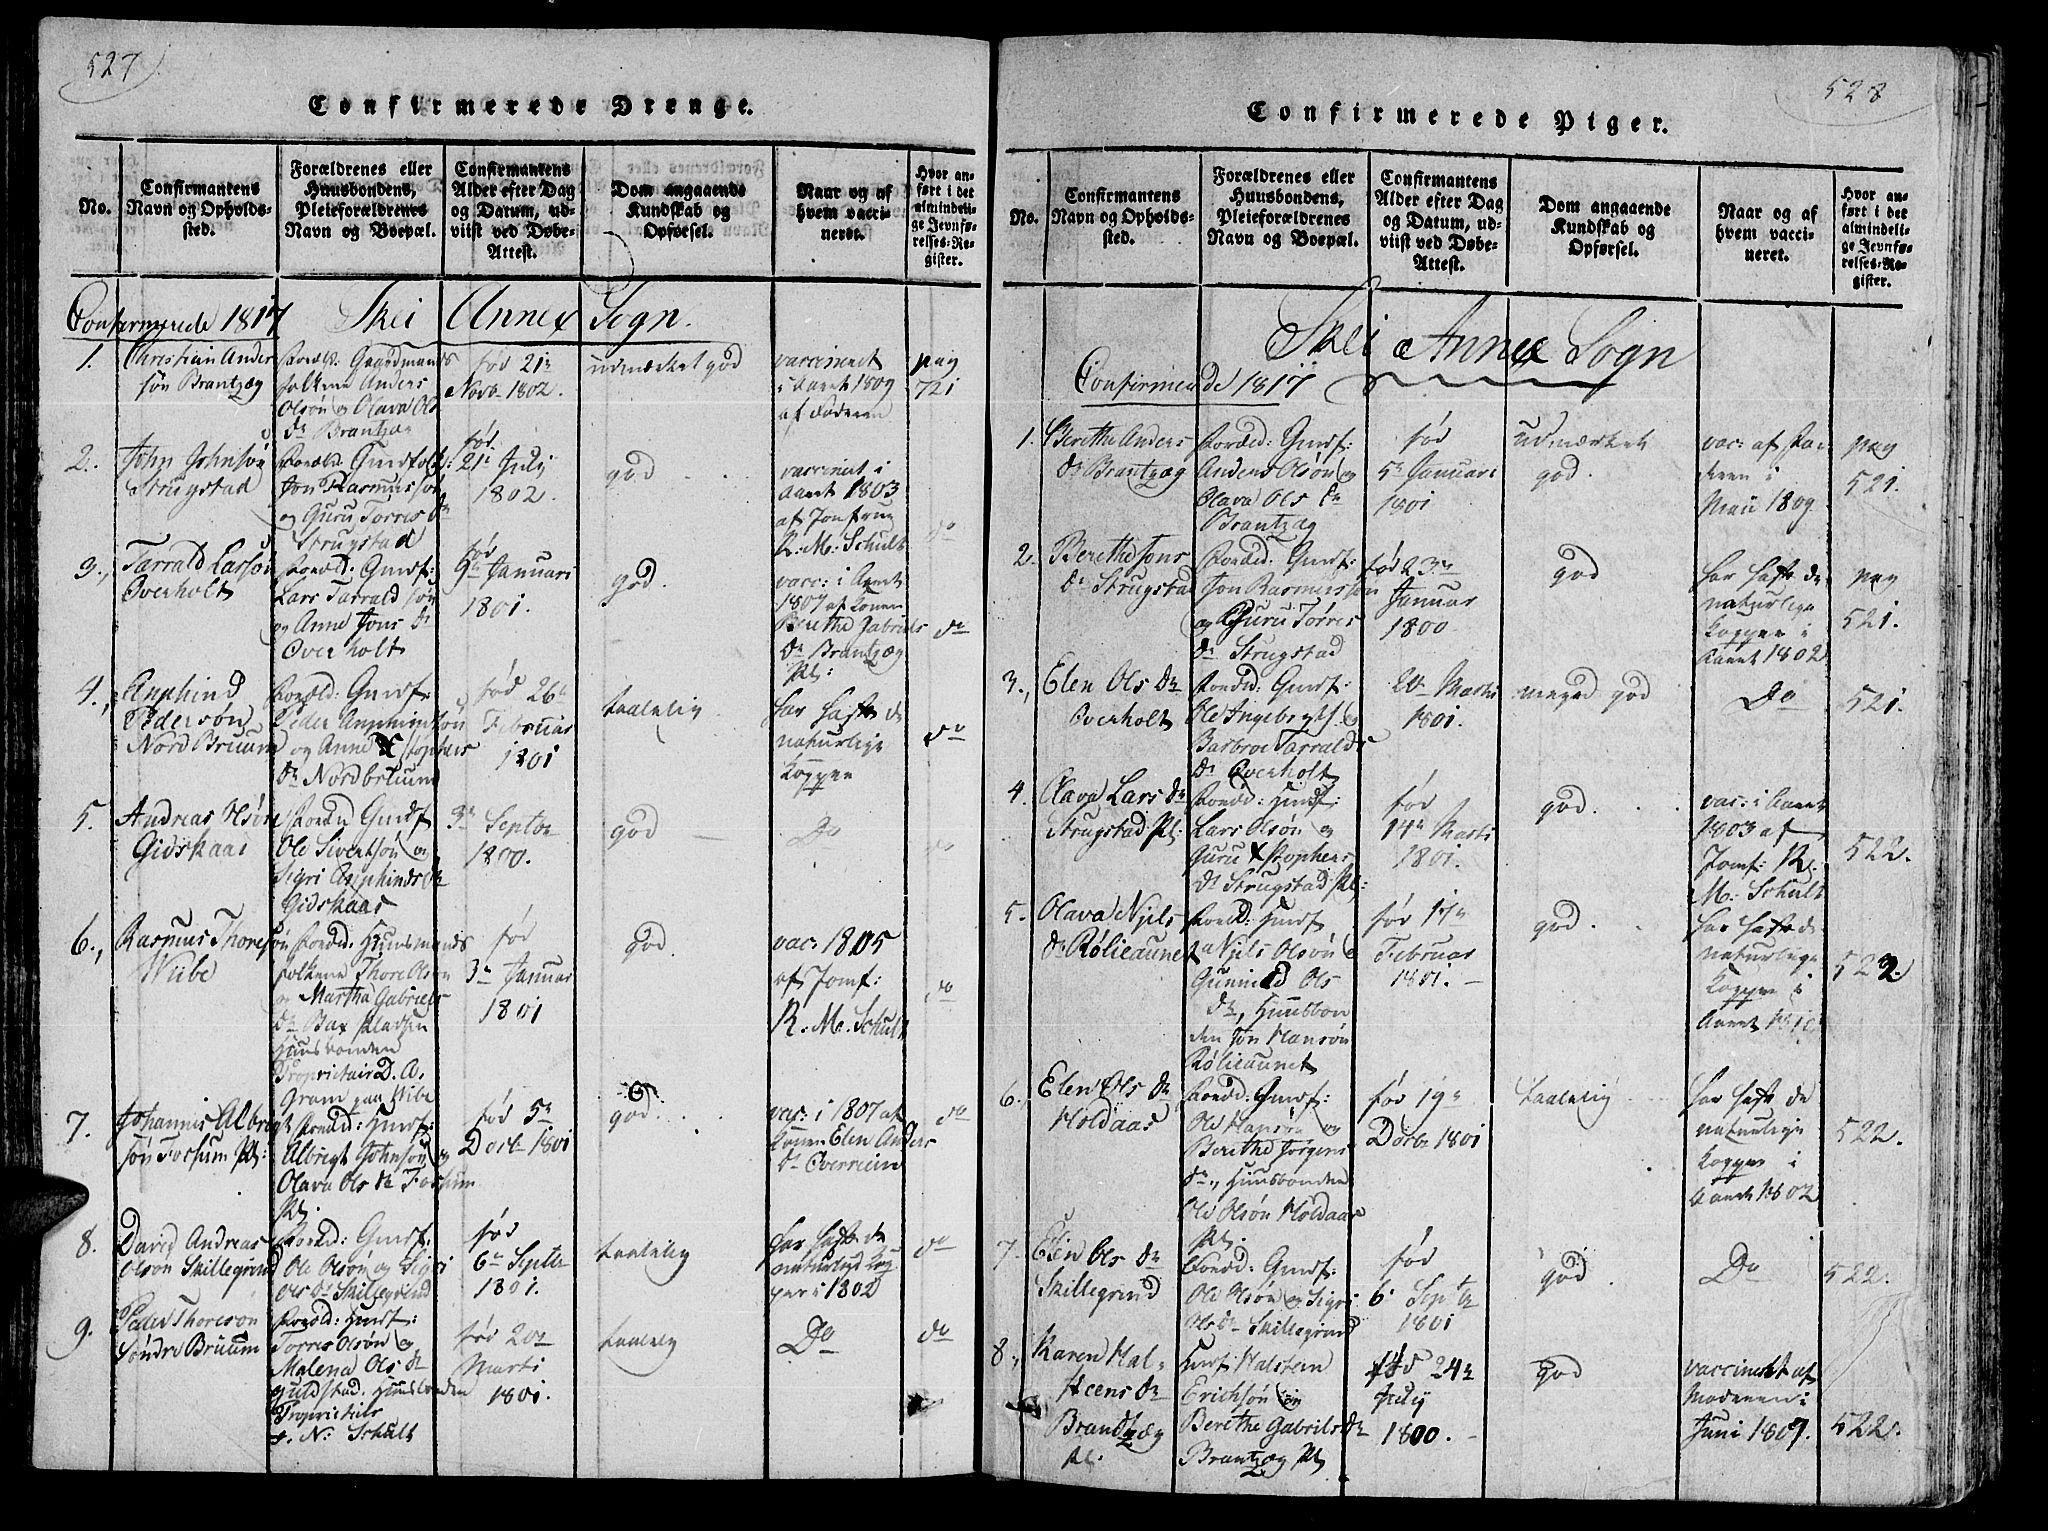 SAT, Ministerialprotokoller, klokkerbøker og fødselsregistre - Nord-Trøndelag, 735/L0333: Ministerialbok nr. 735A04 /2, 1816-1825, s. 527-528